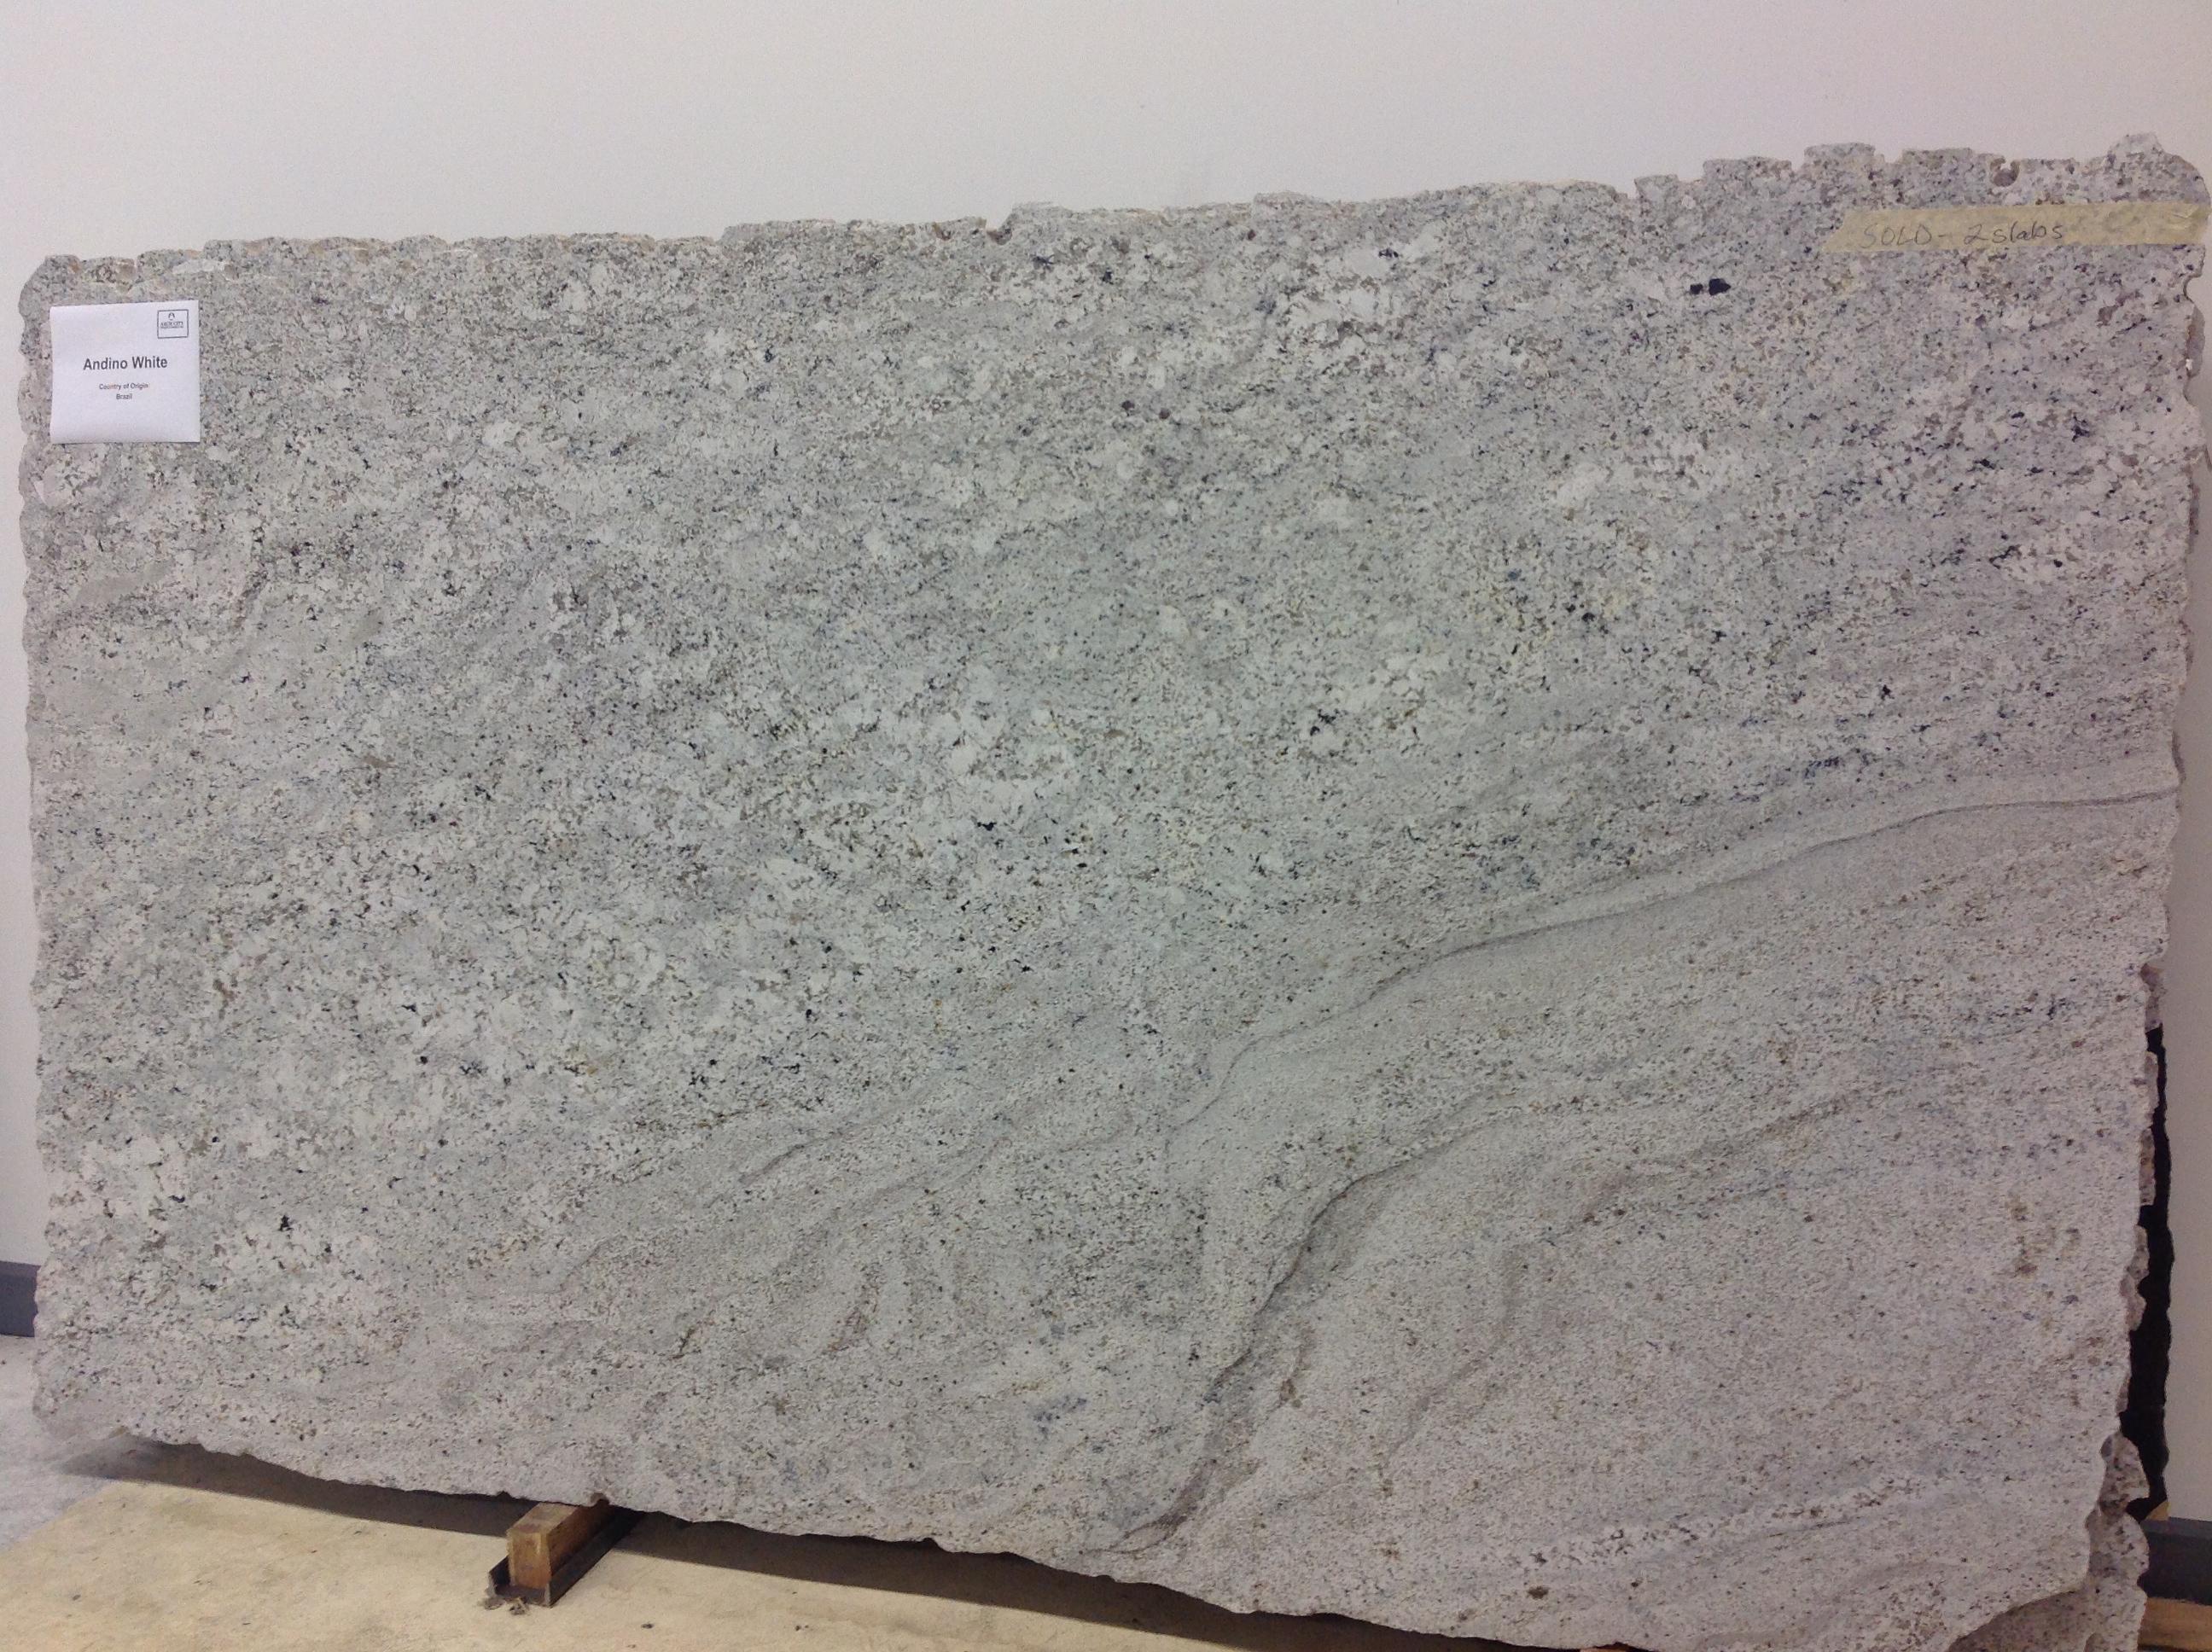 Cute Andino An Luxury Cabinets River Granite Cost Kitchen Counters River Granite houzz 01 White River Granite